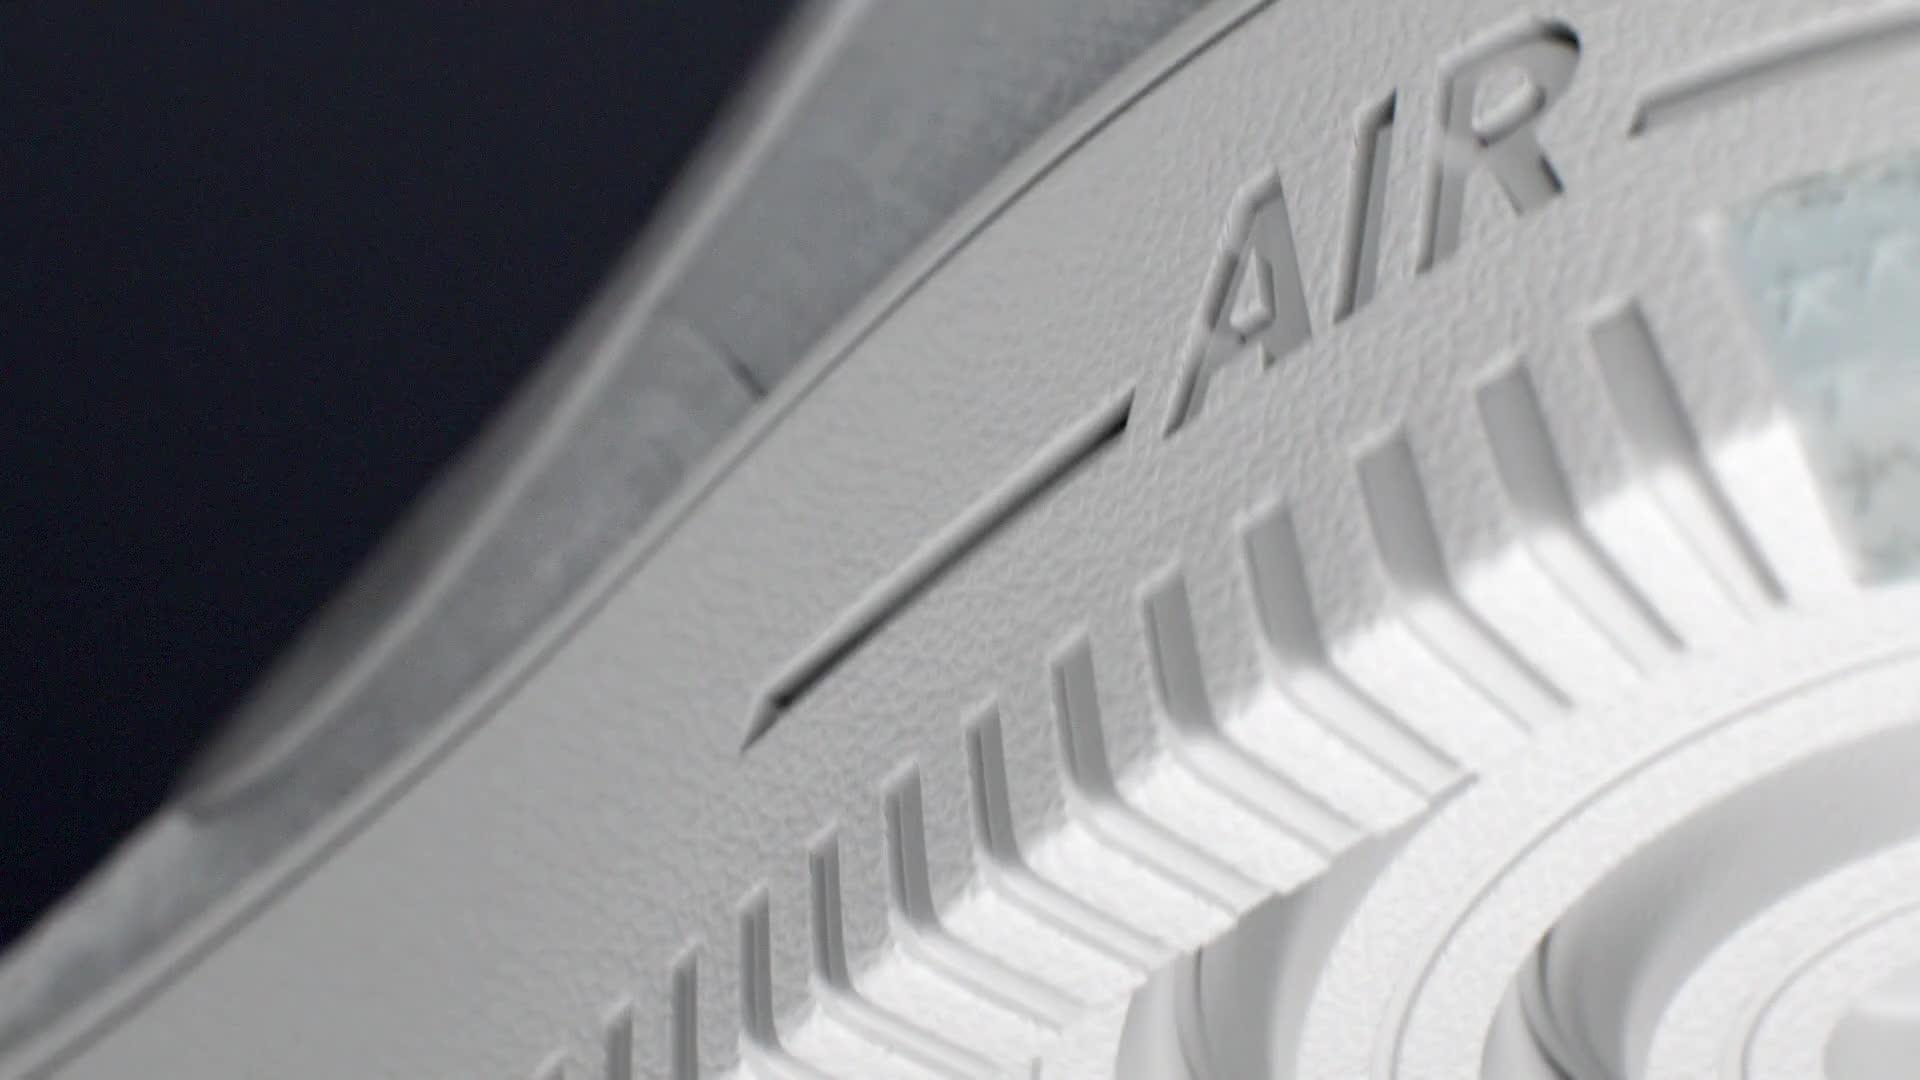 Nike Flyknit sport 3d cgi air force 1 sole air